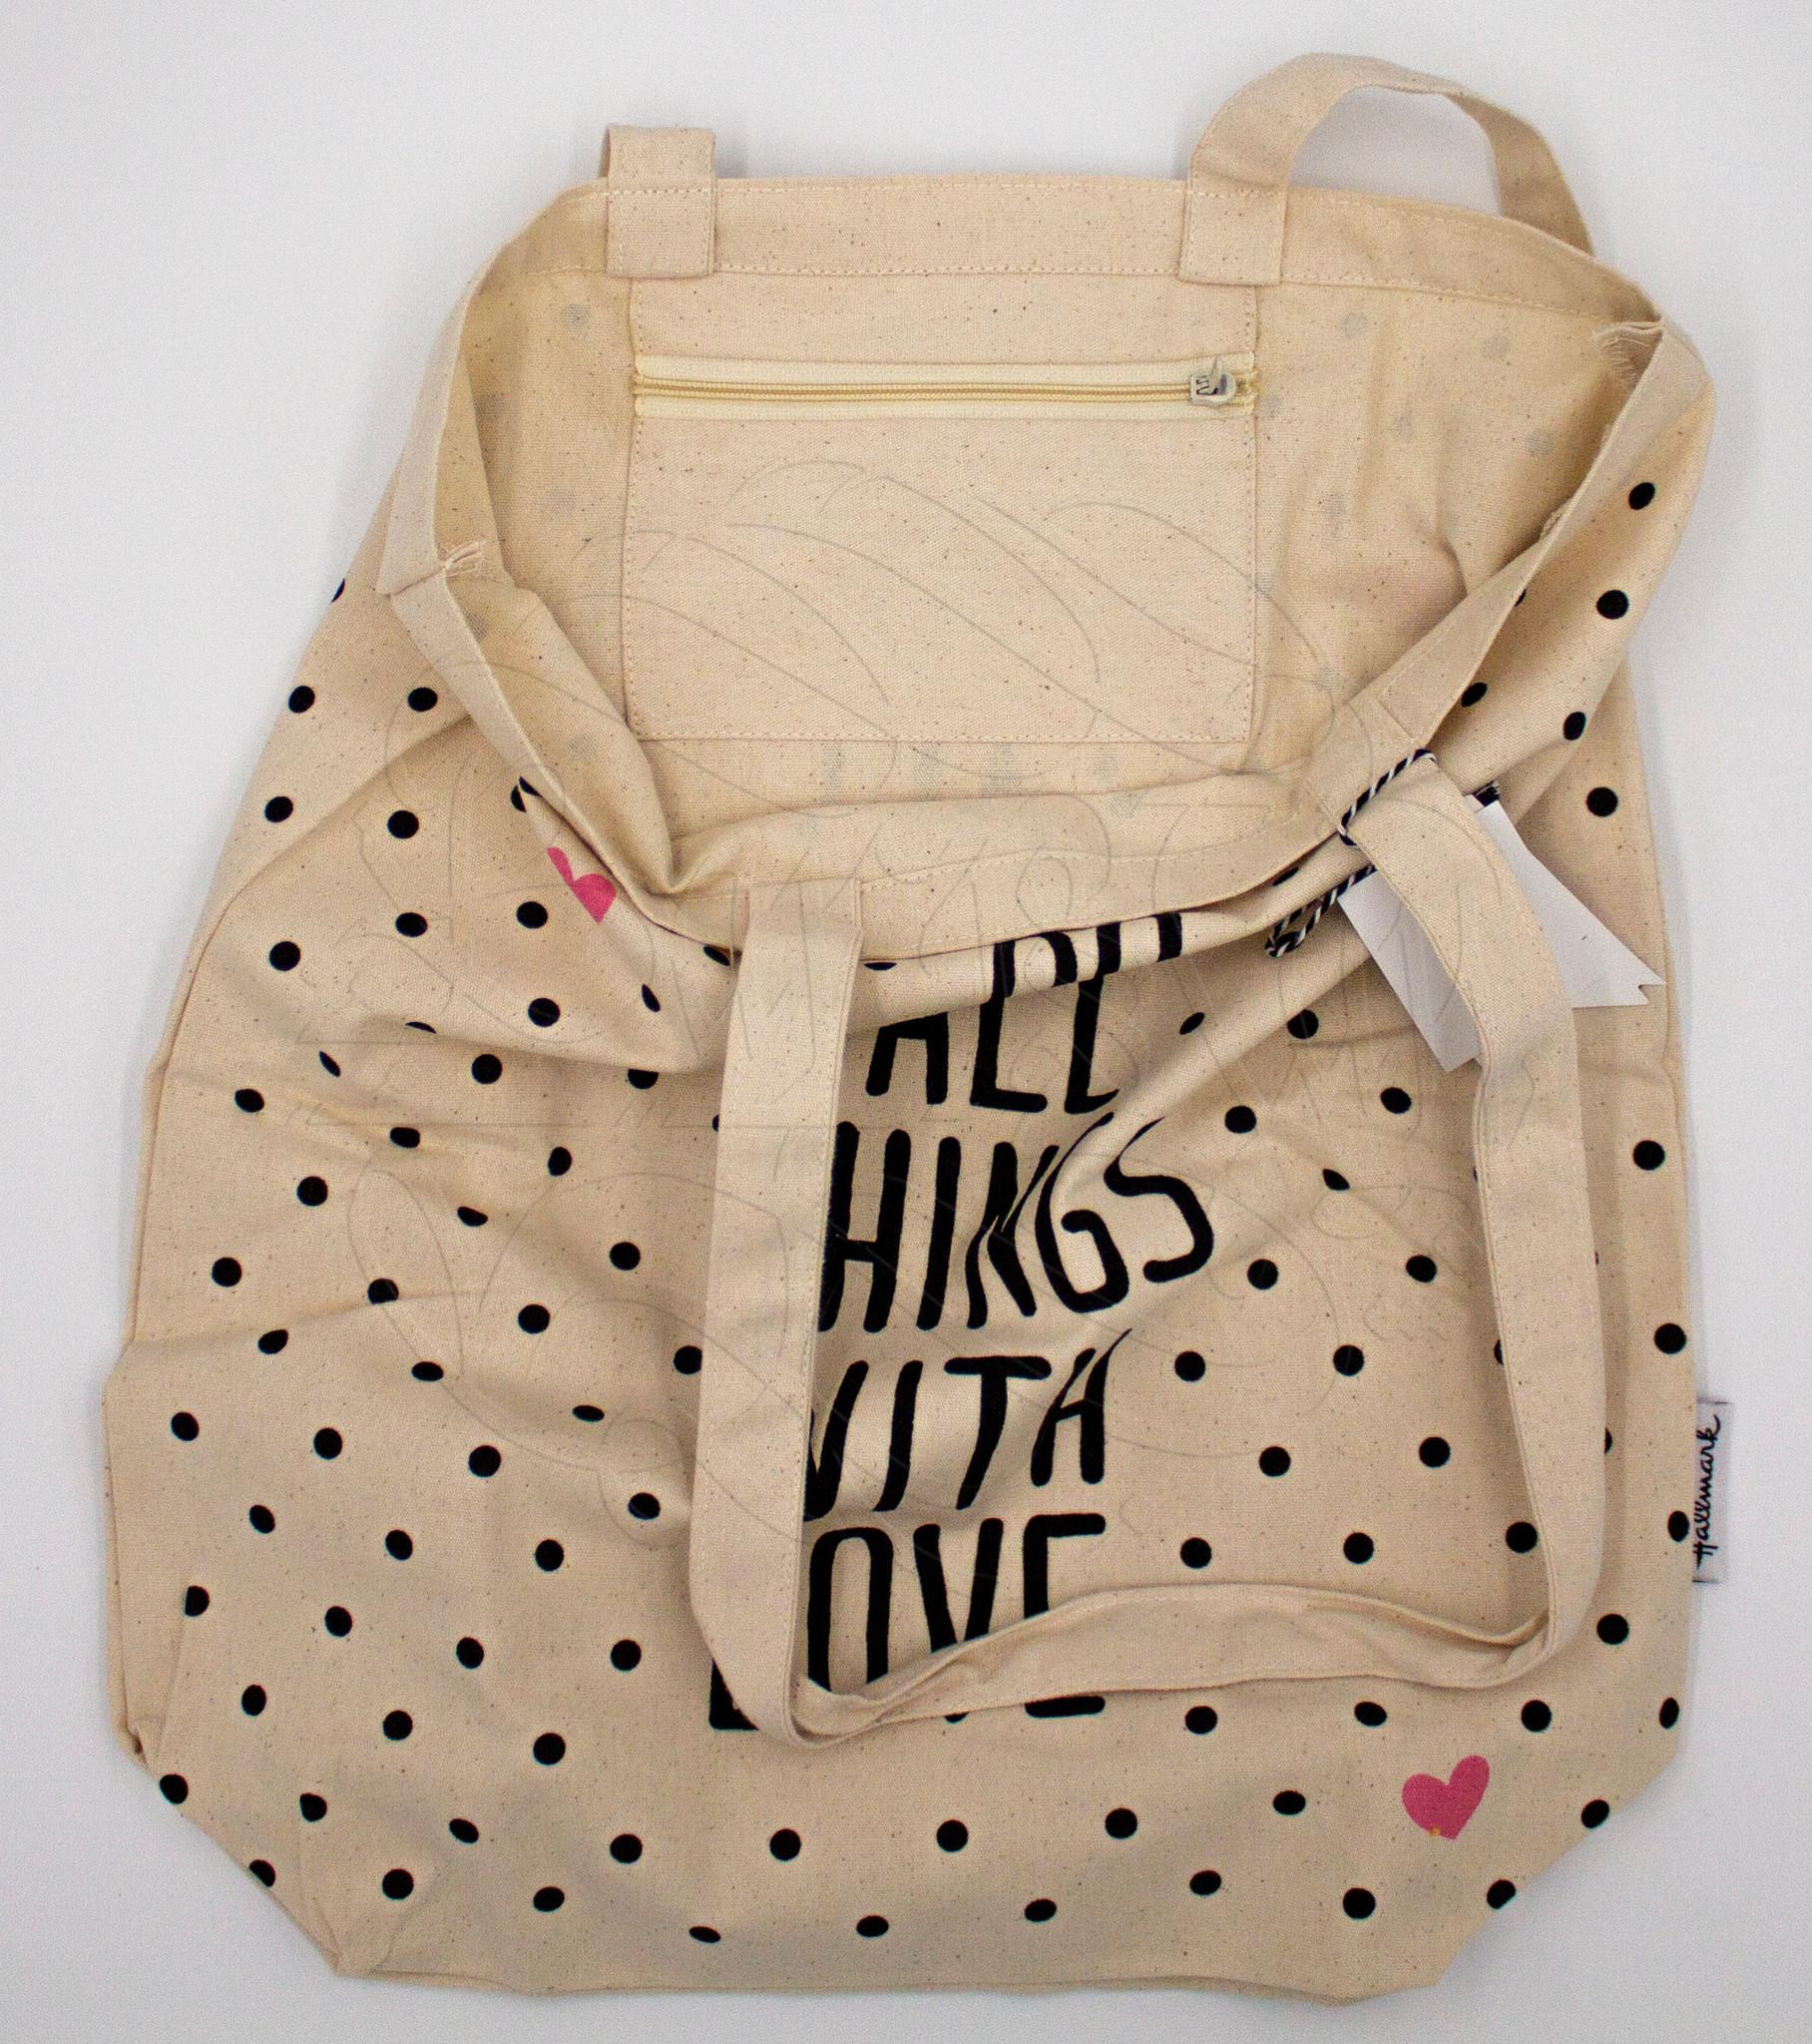 Baumwolltasche, Stofftaschen, Tragetasche